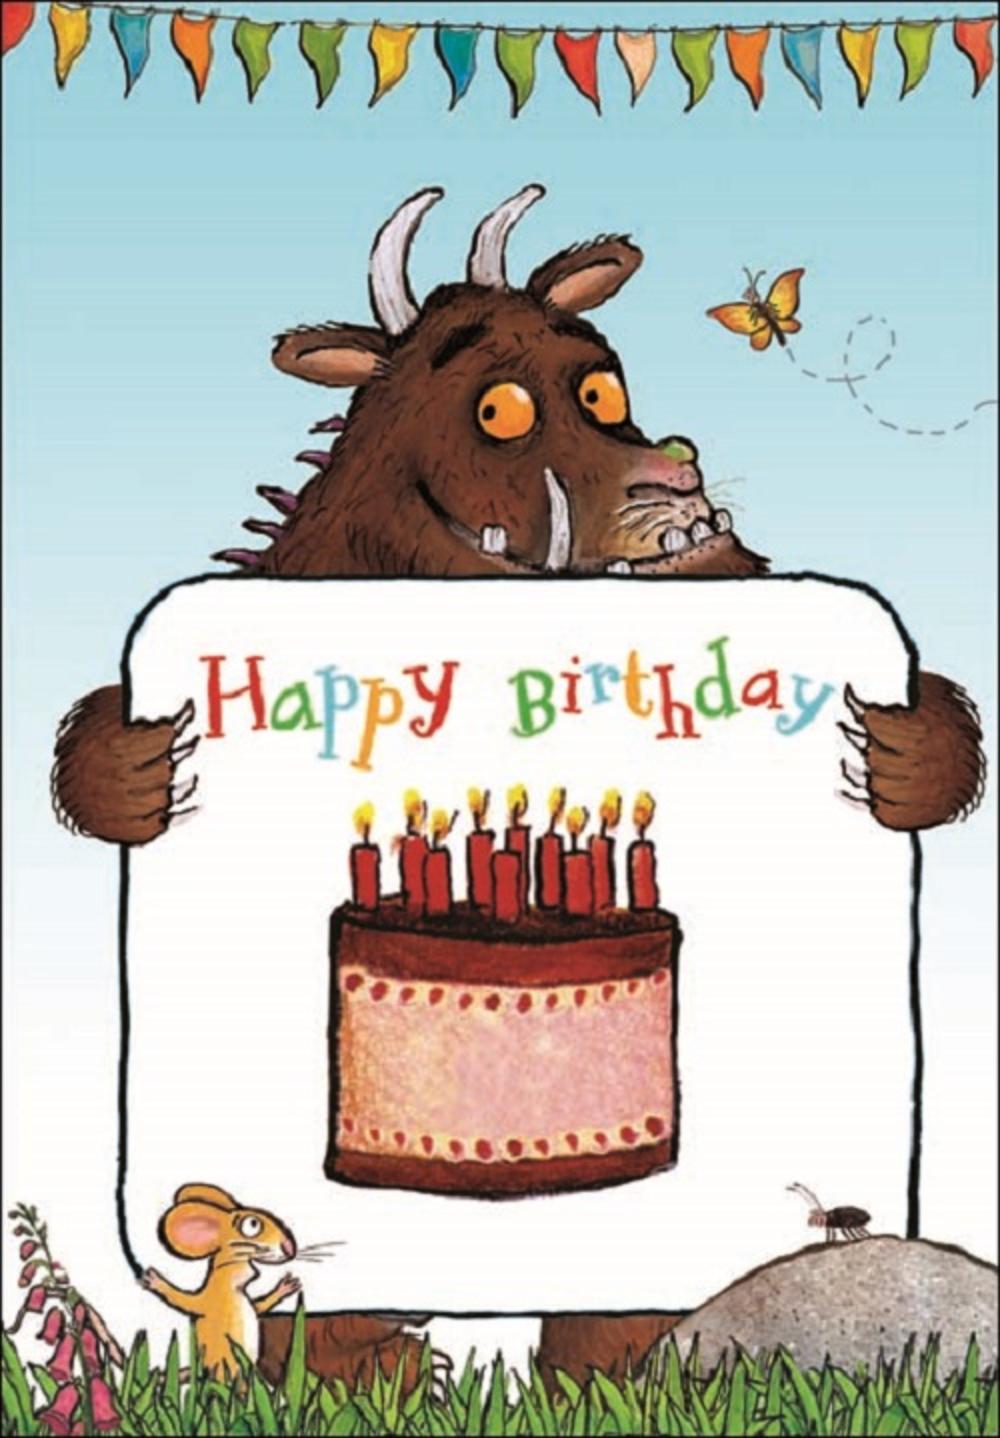 Gruffalo Happy Birthday Greeting Card